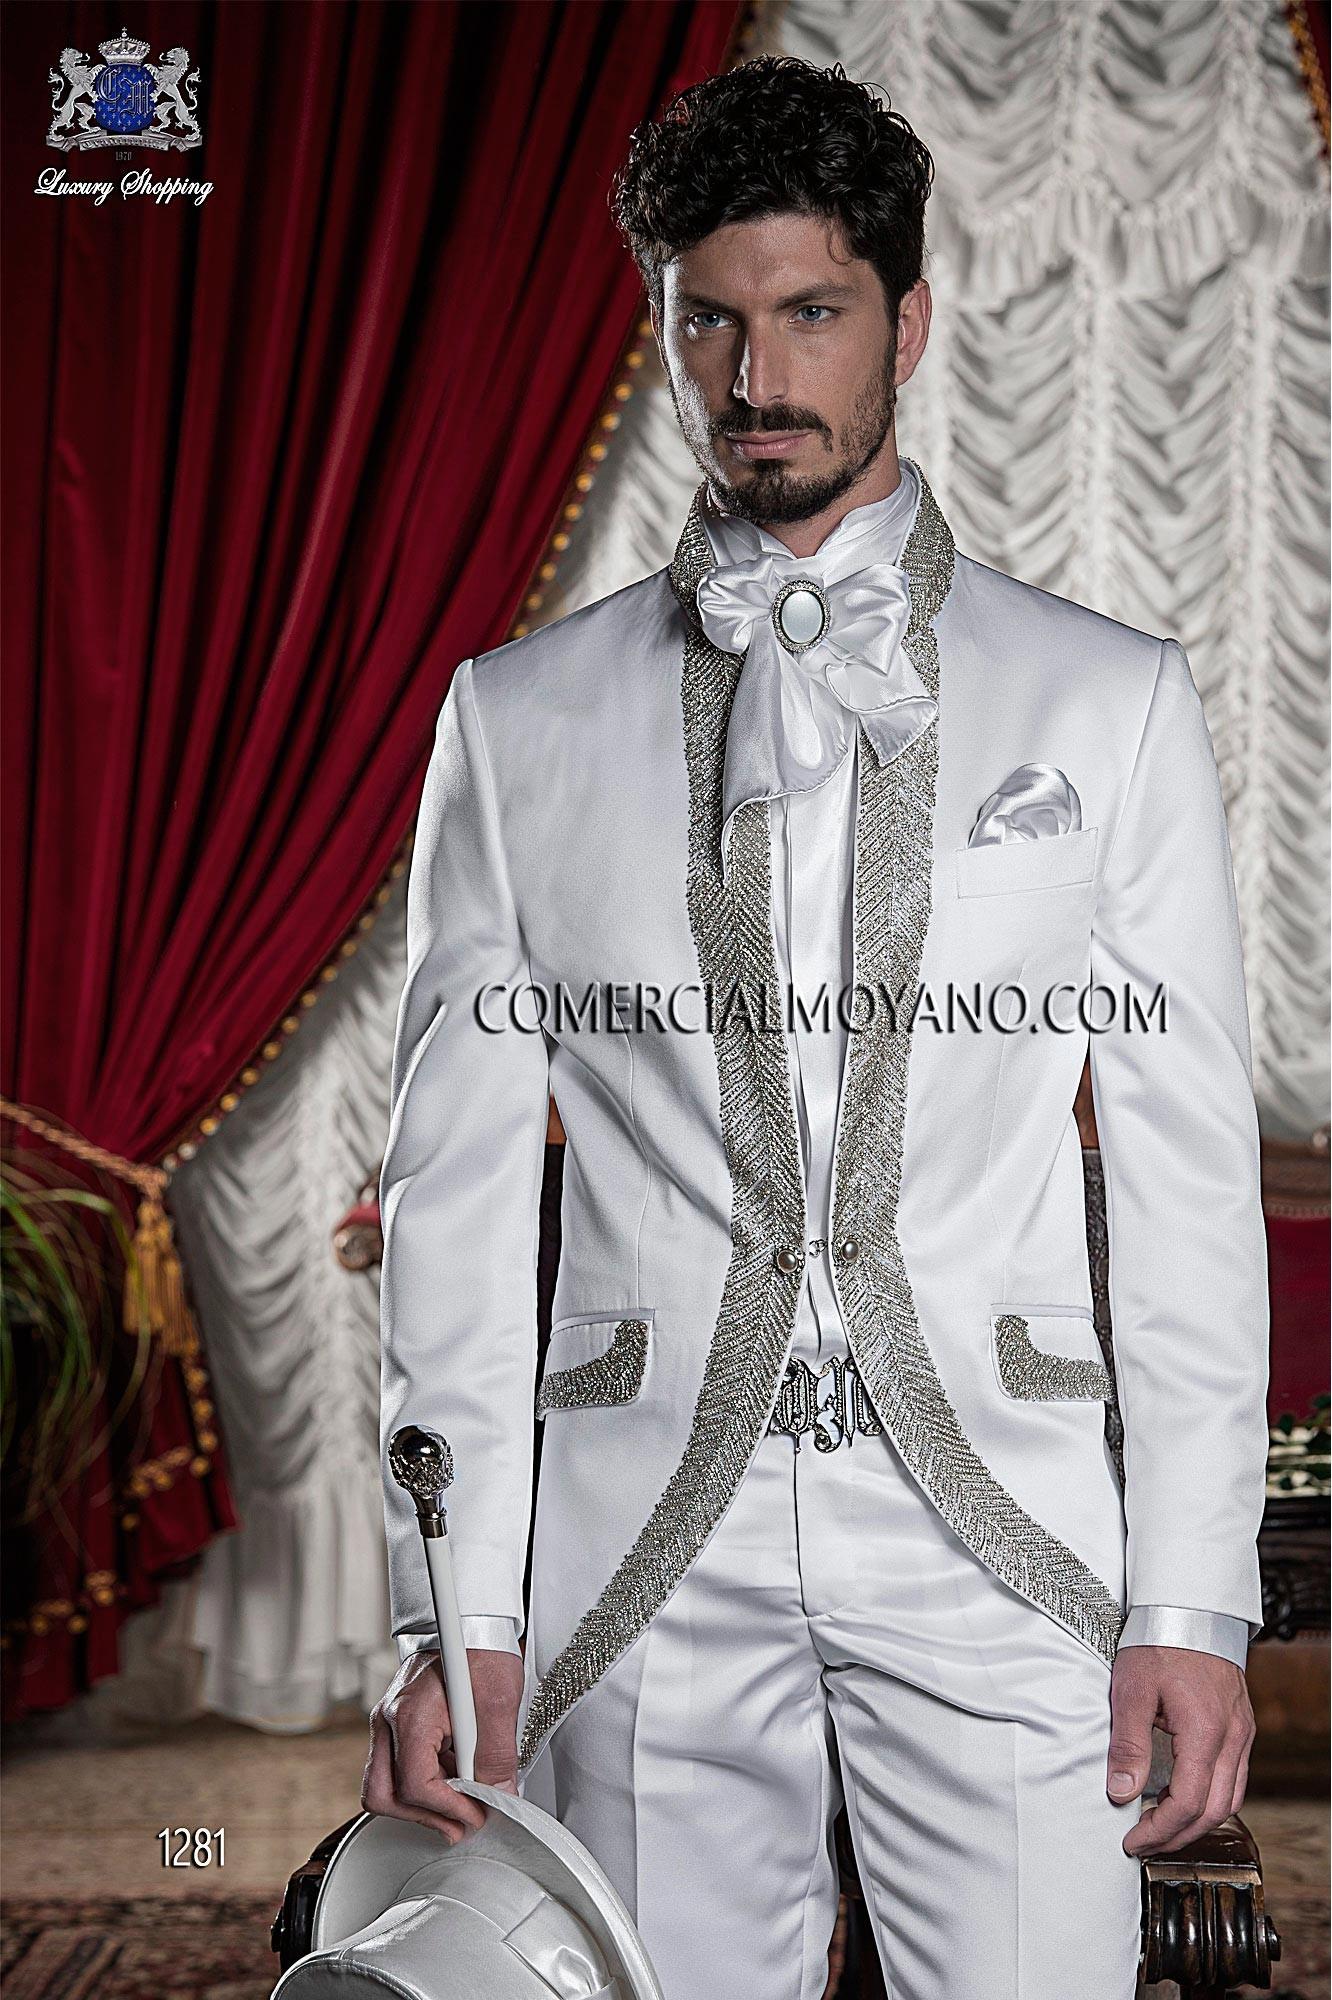 Traje de novio barroco blanco modelo: 1281 Ottavio Nuccio Gala colección Barroco